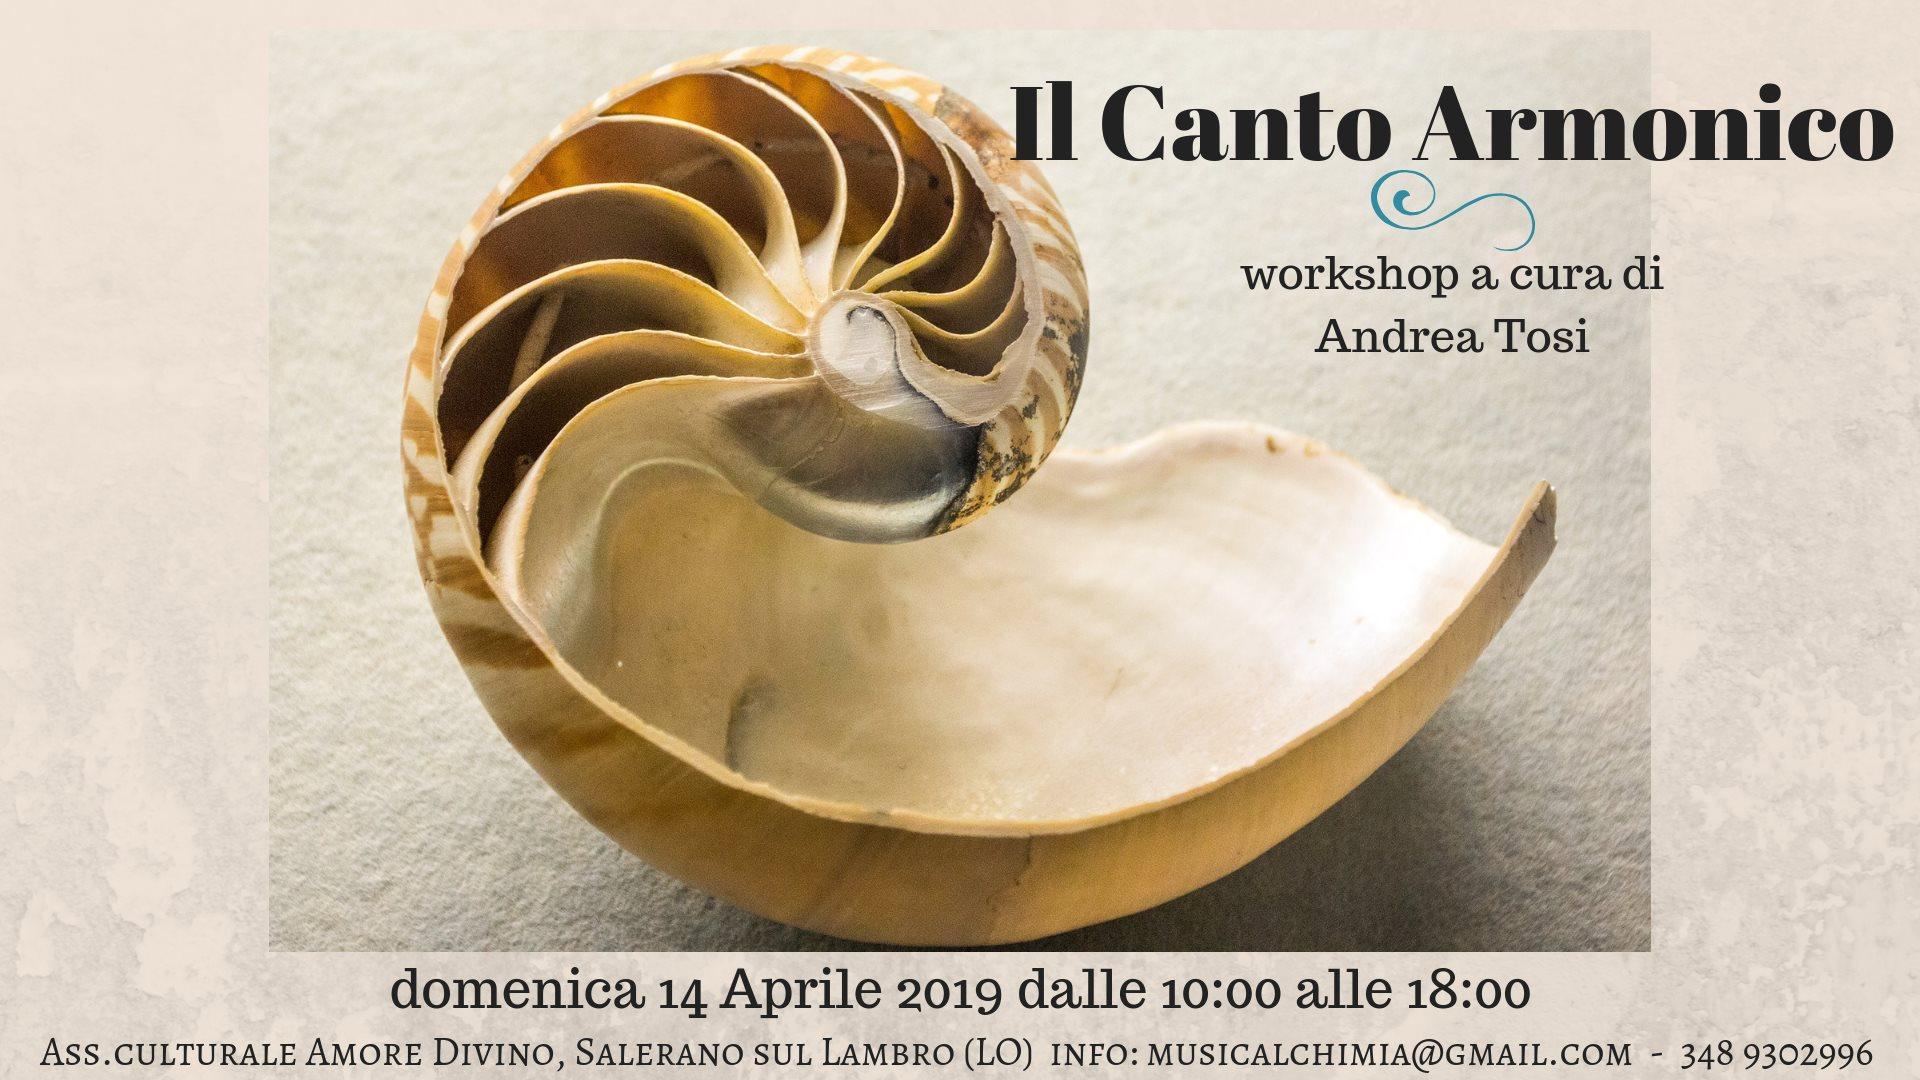 14 Aprile 2019 - Il Canto Armonico - Workshop a cura di Andrea Tosi - Salerano sul Lambro